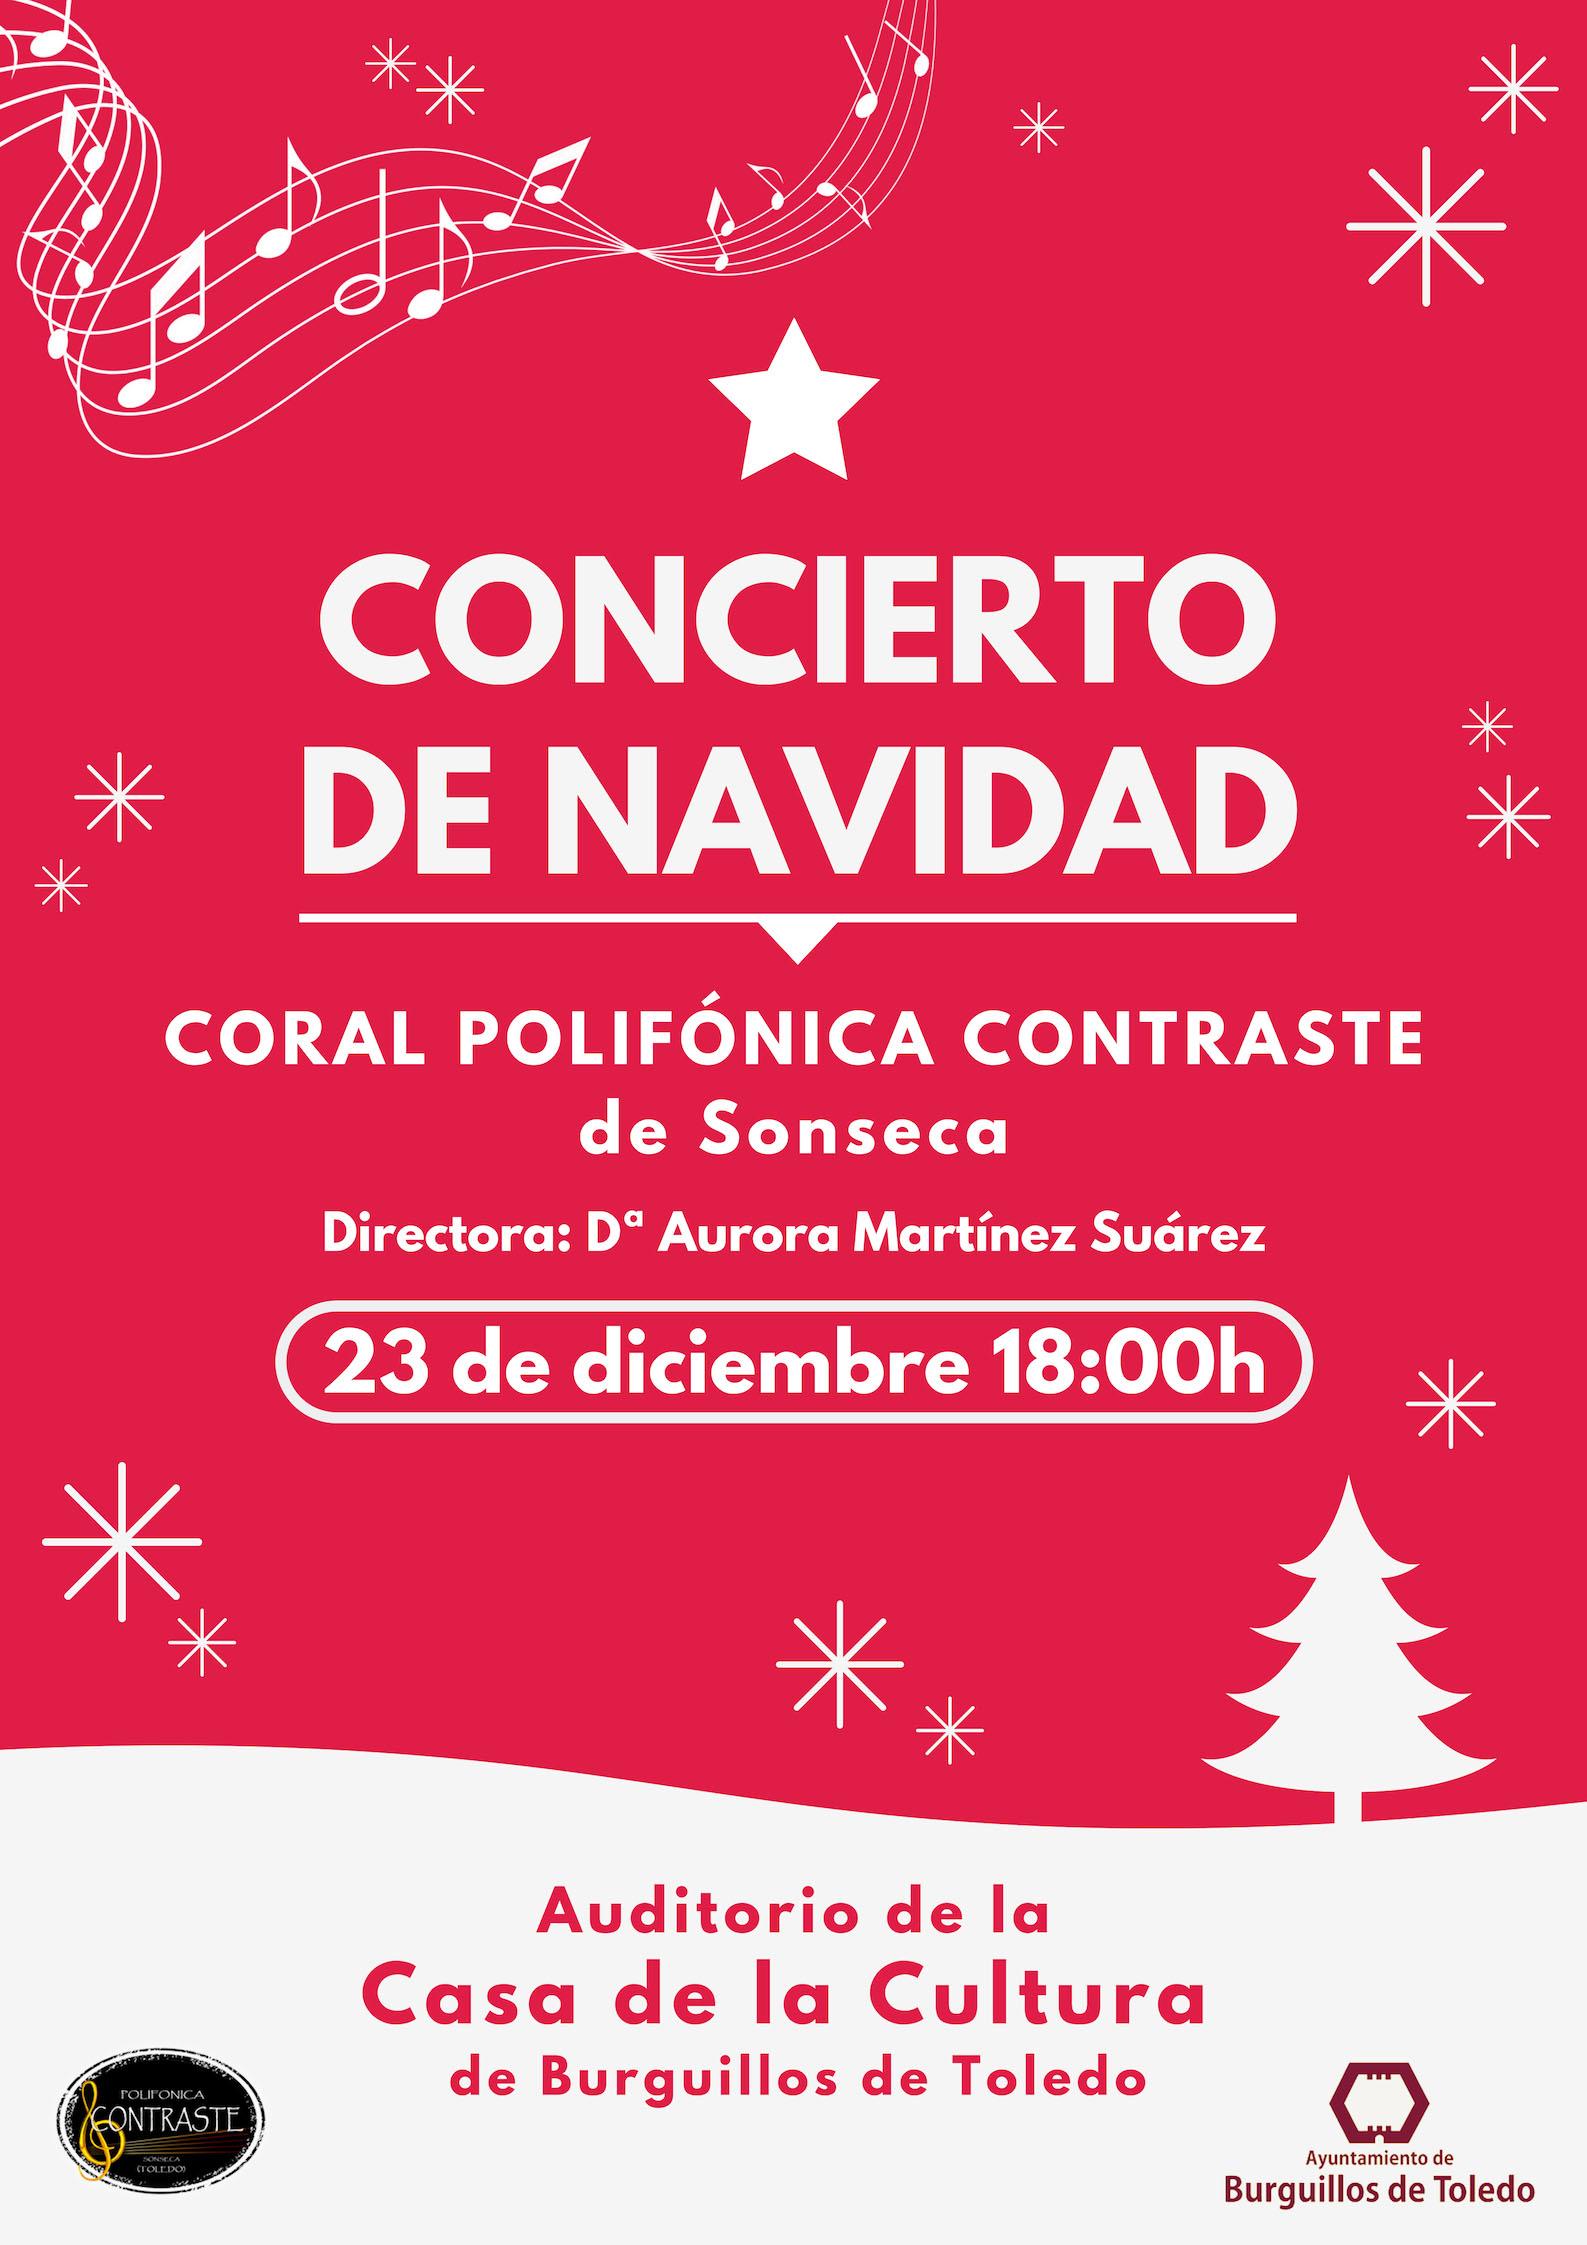 ConciertoNavidad2017